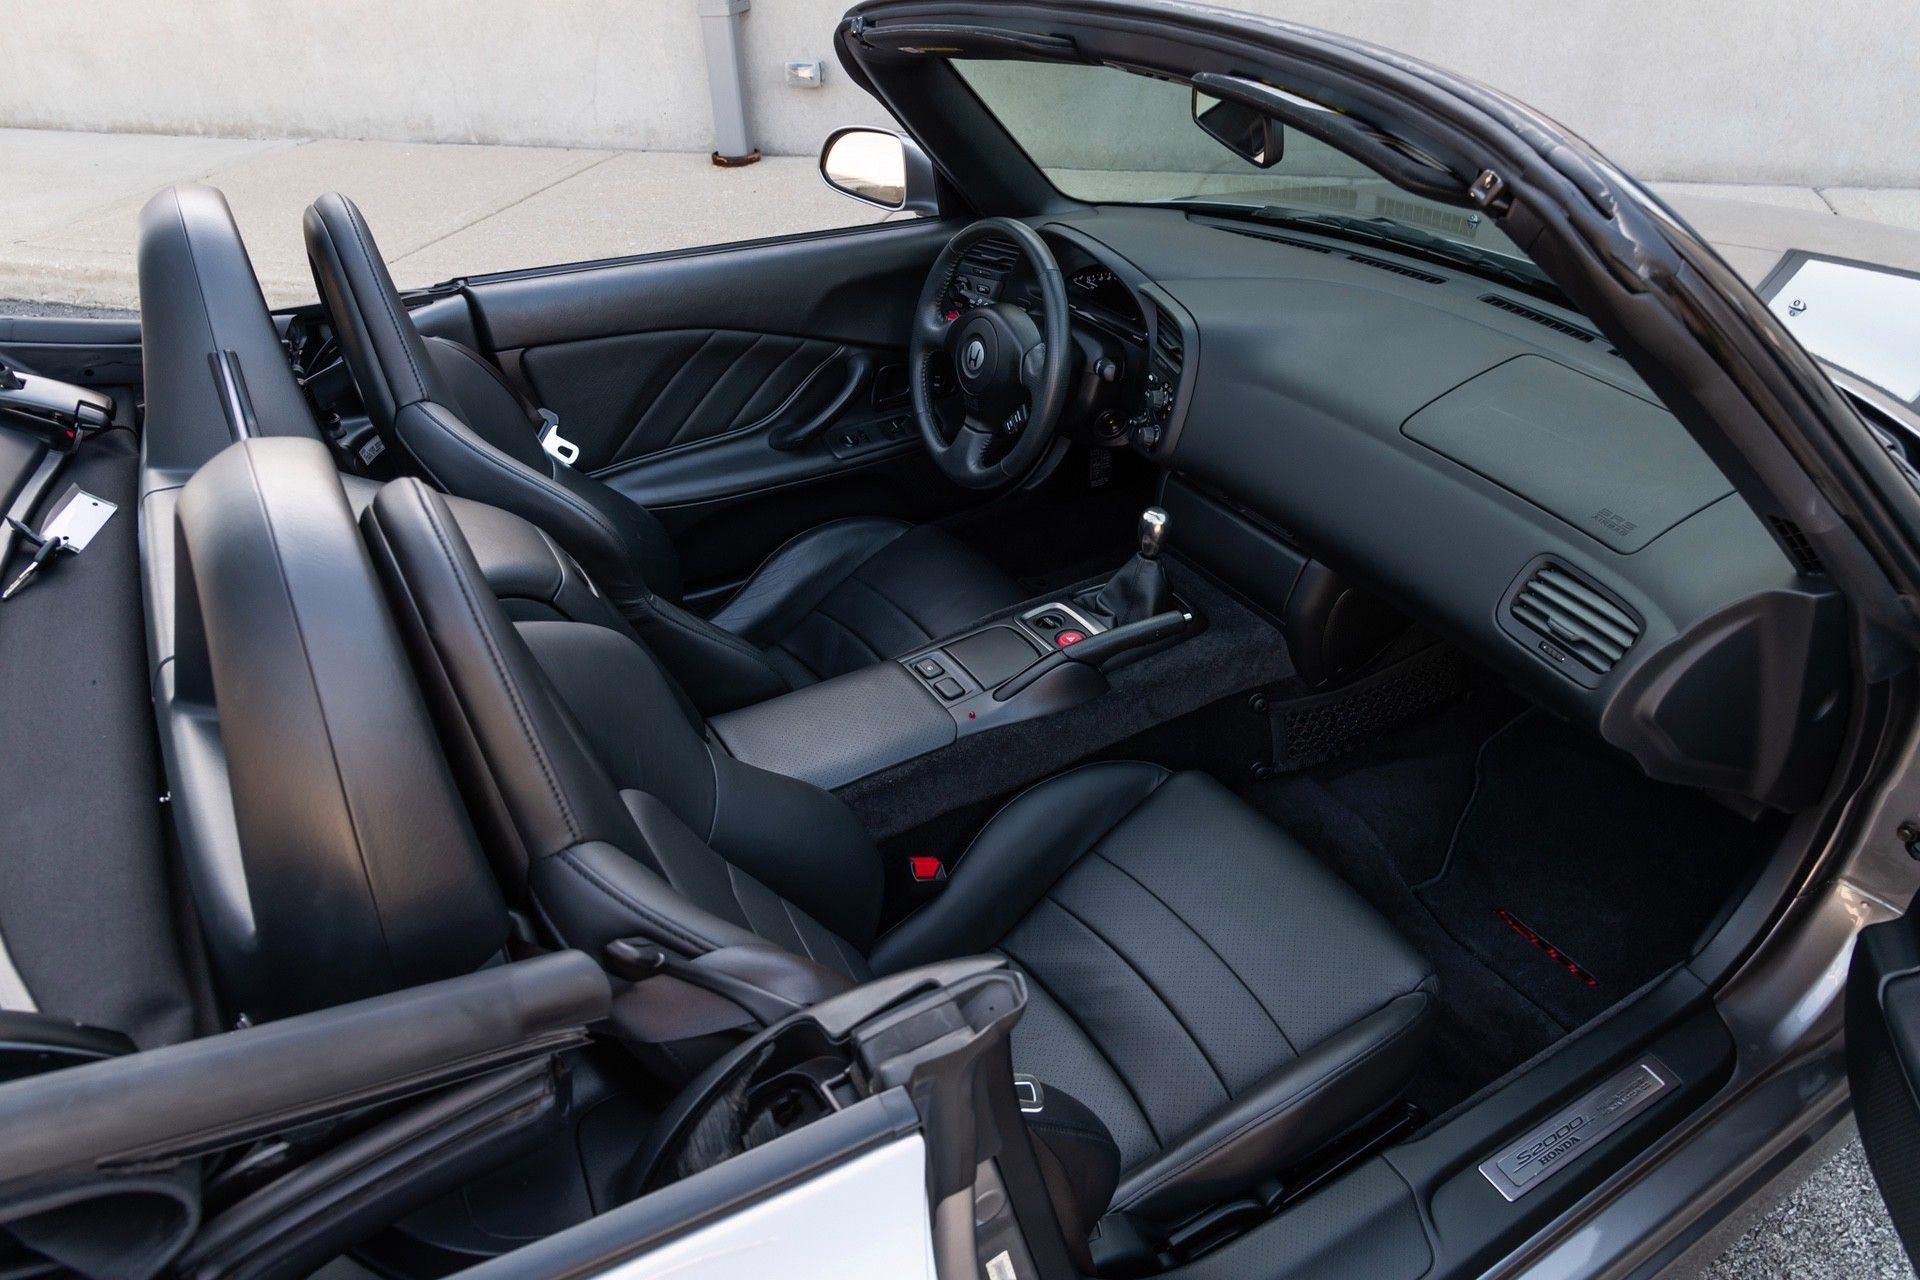 2001-Honda-S2000-0038